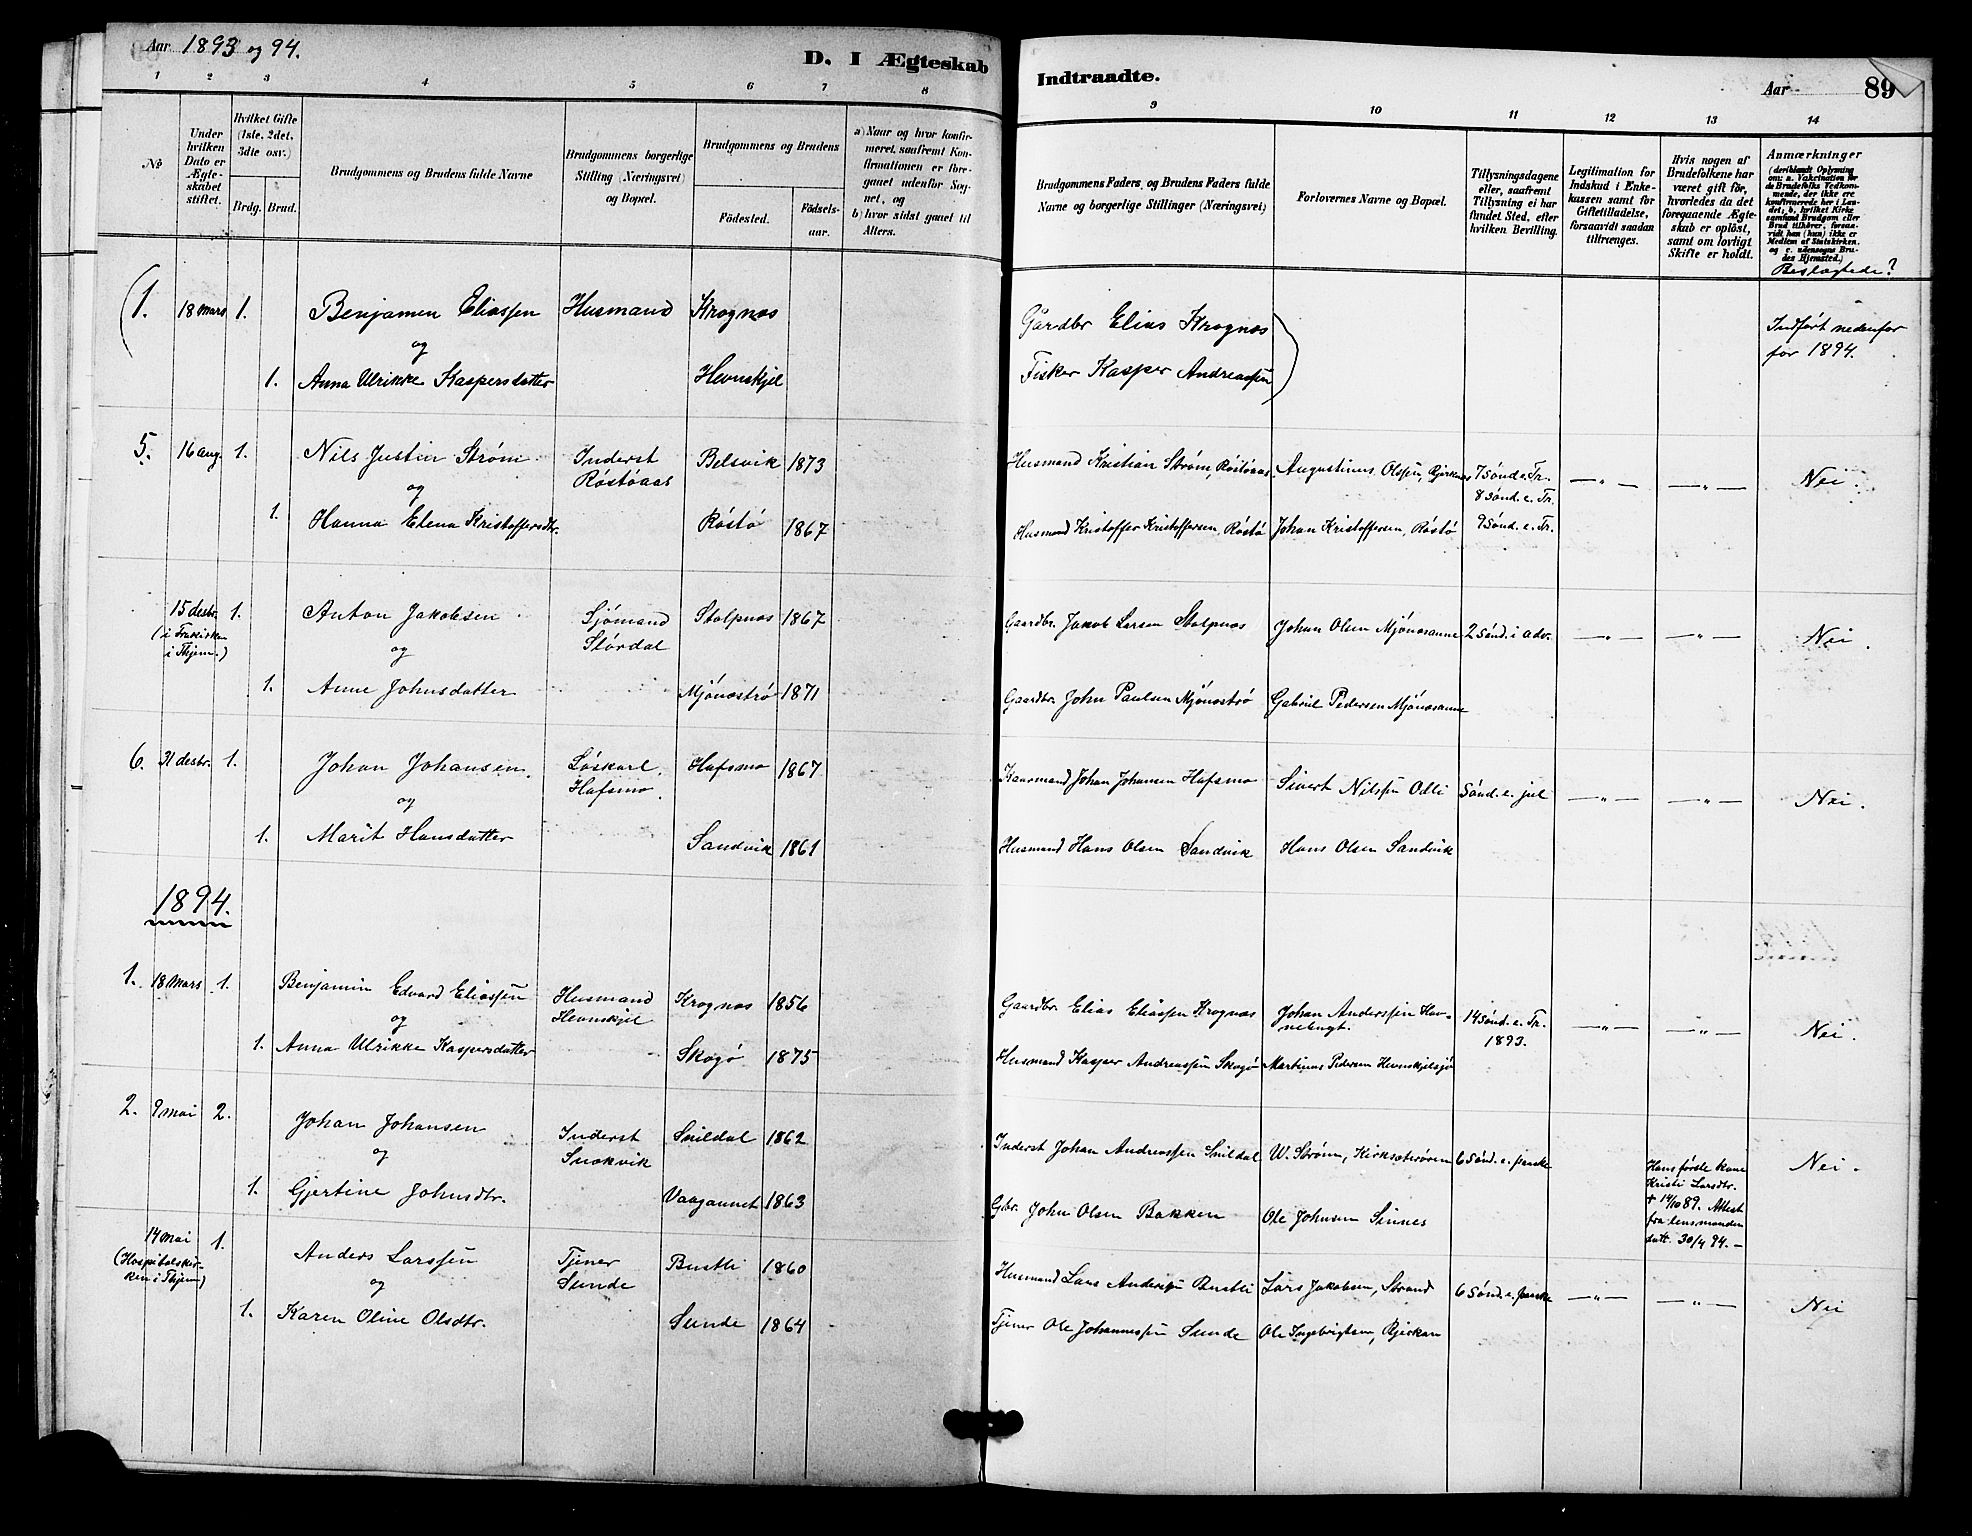 SAT, Ministerialprotokoller, klokkerbøker og fødselsregistre - Sør-Trøndelag, 633/L0519: Klokkerbok nr. 633C01, 1884-1905, s. 89